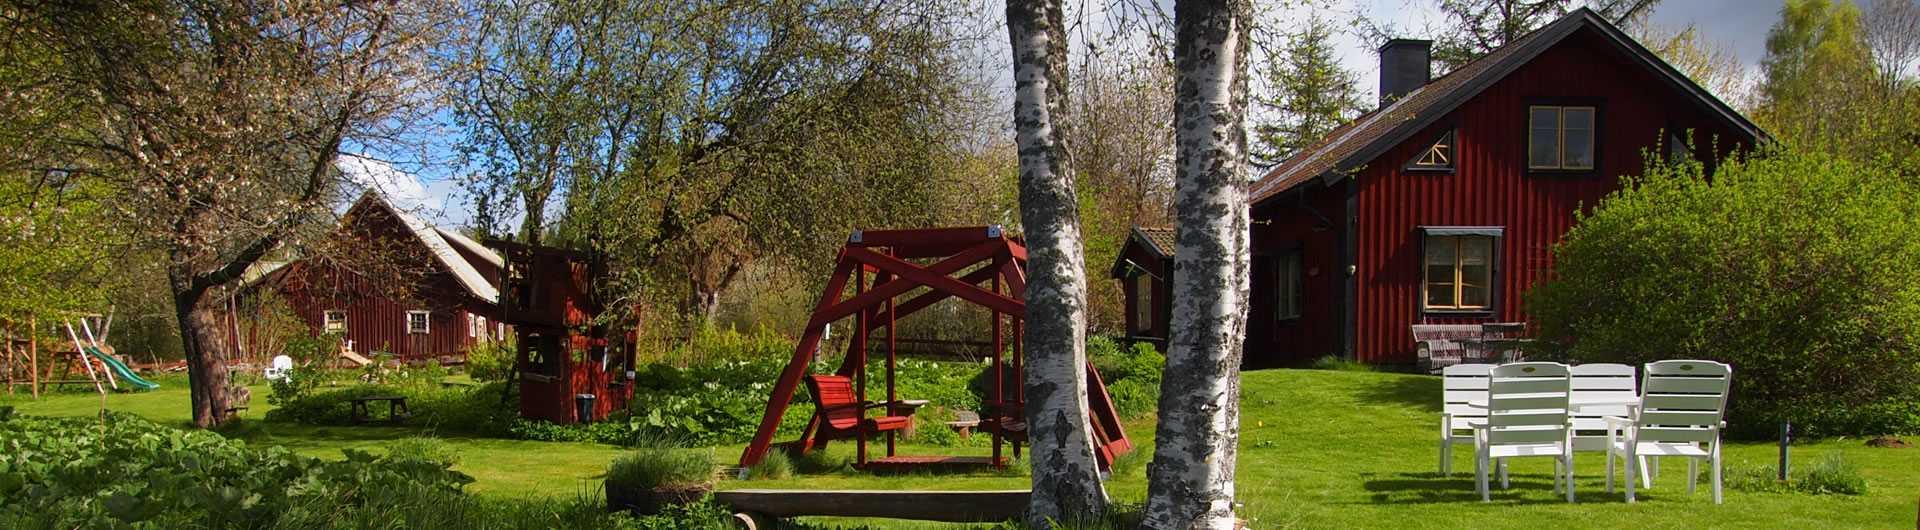 Schweden - Smaland: Ferienhaus am See - Haus